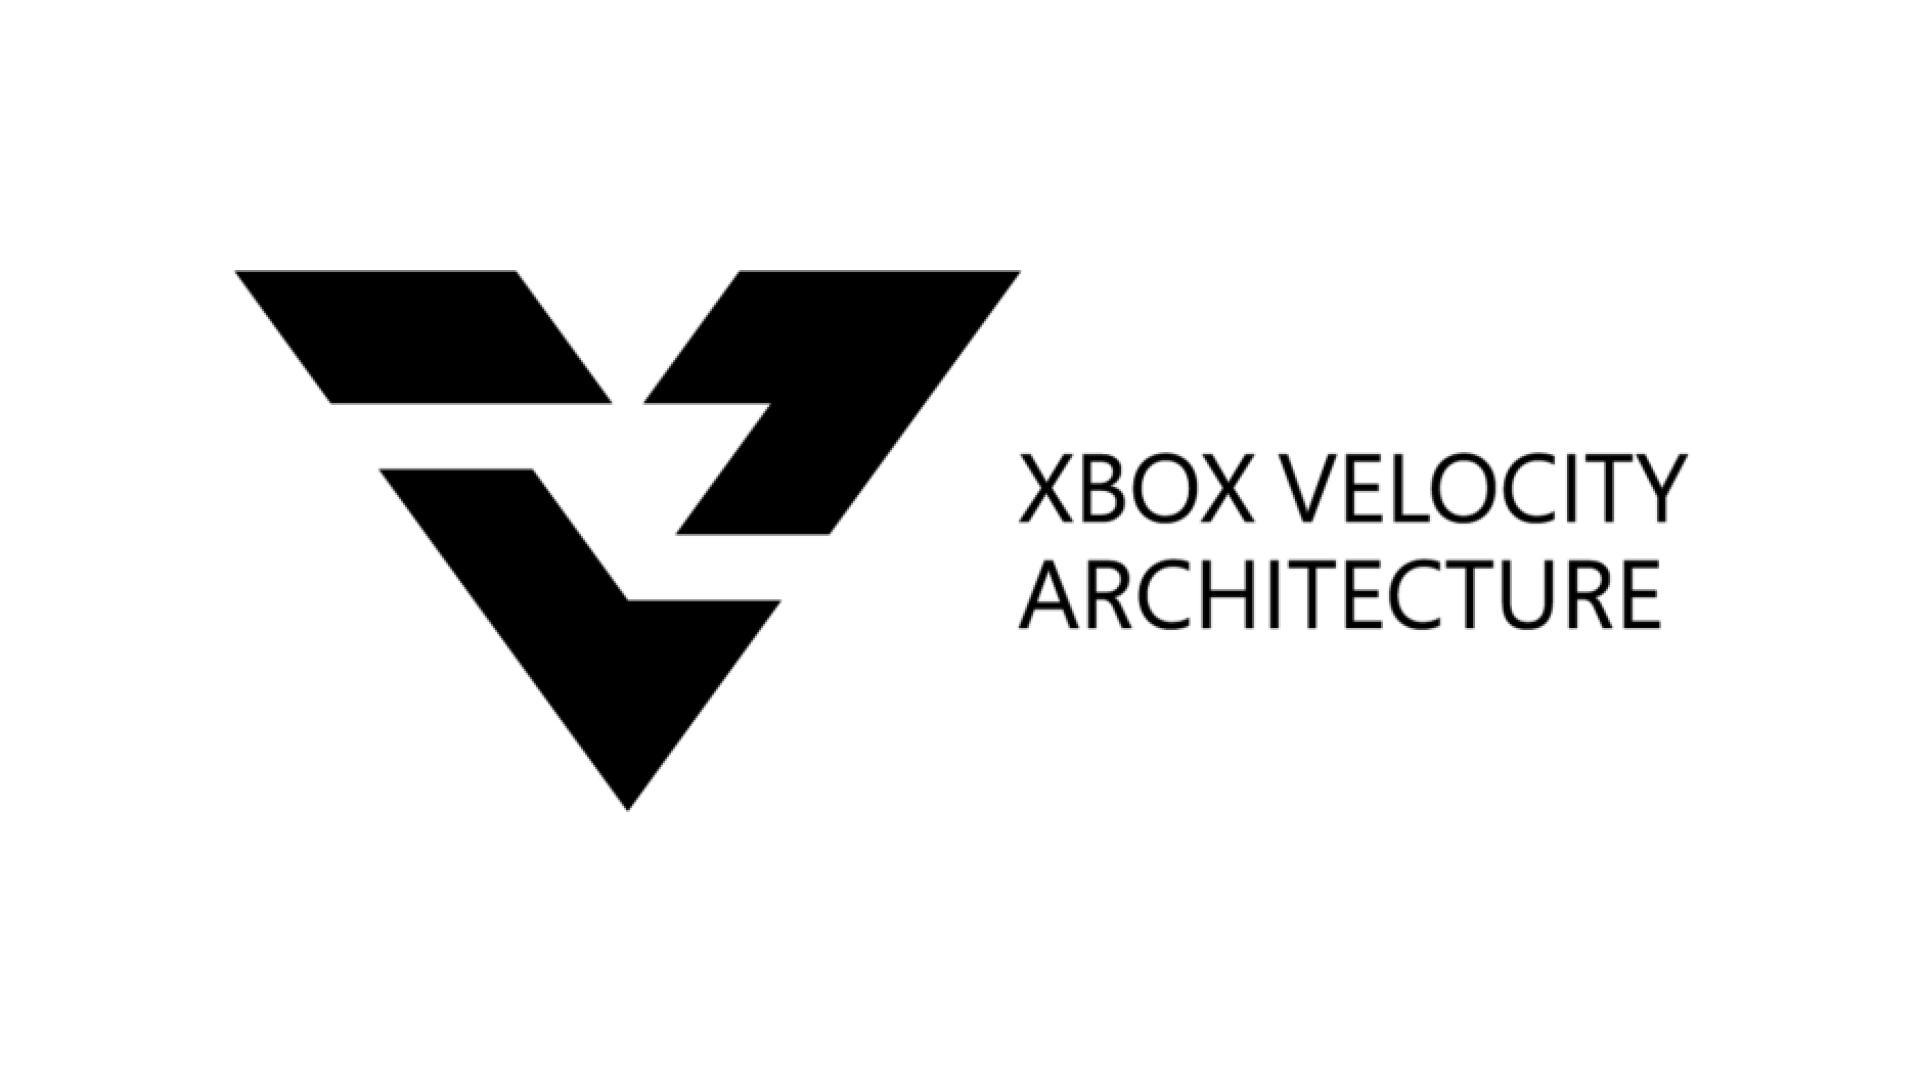 Microsoft Enregistre Le Logo Xbox Velocity Et Encourage Son Apport